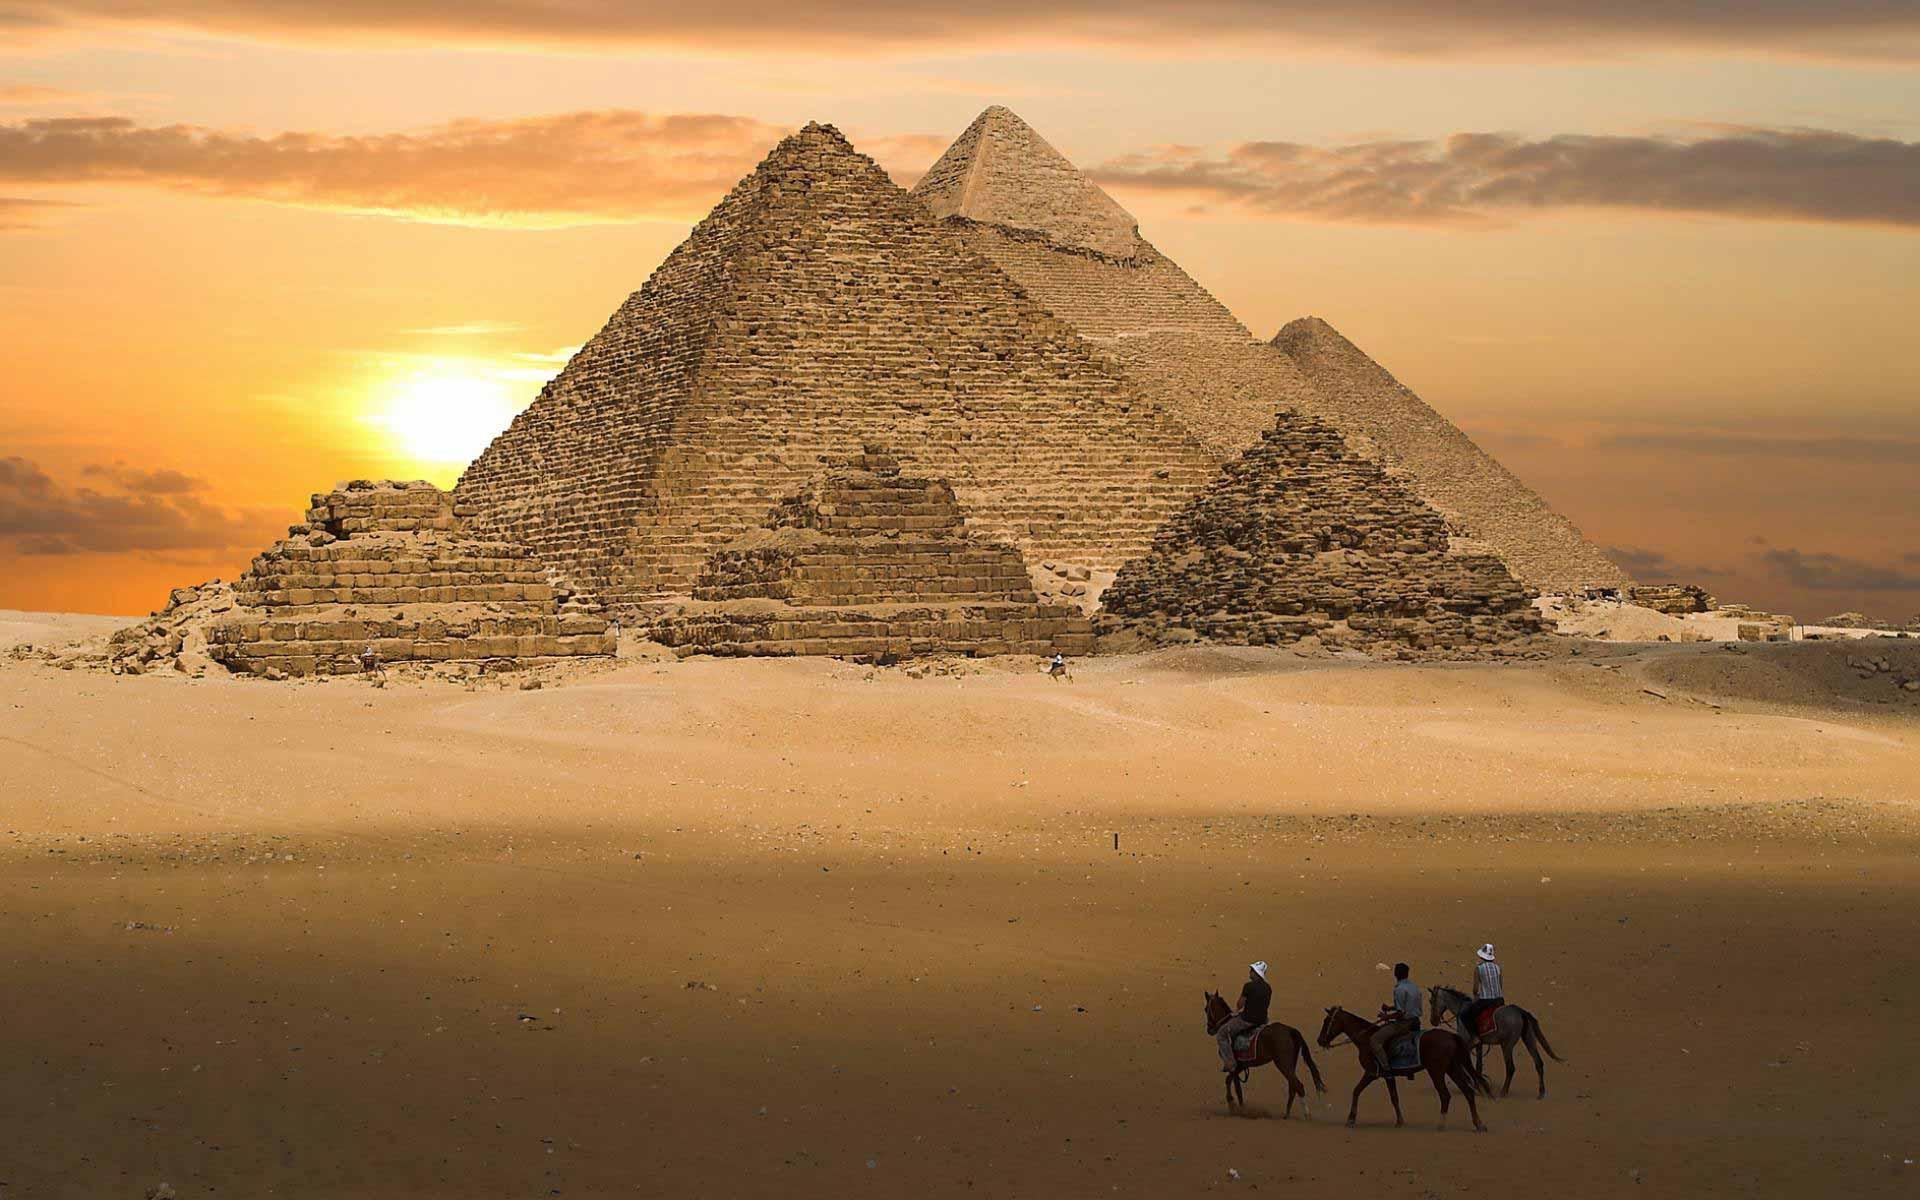 египетские пирамиды красивые картинки для хранения